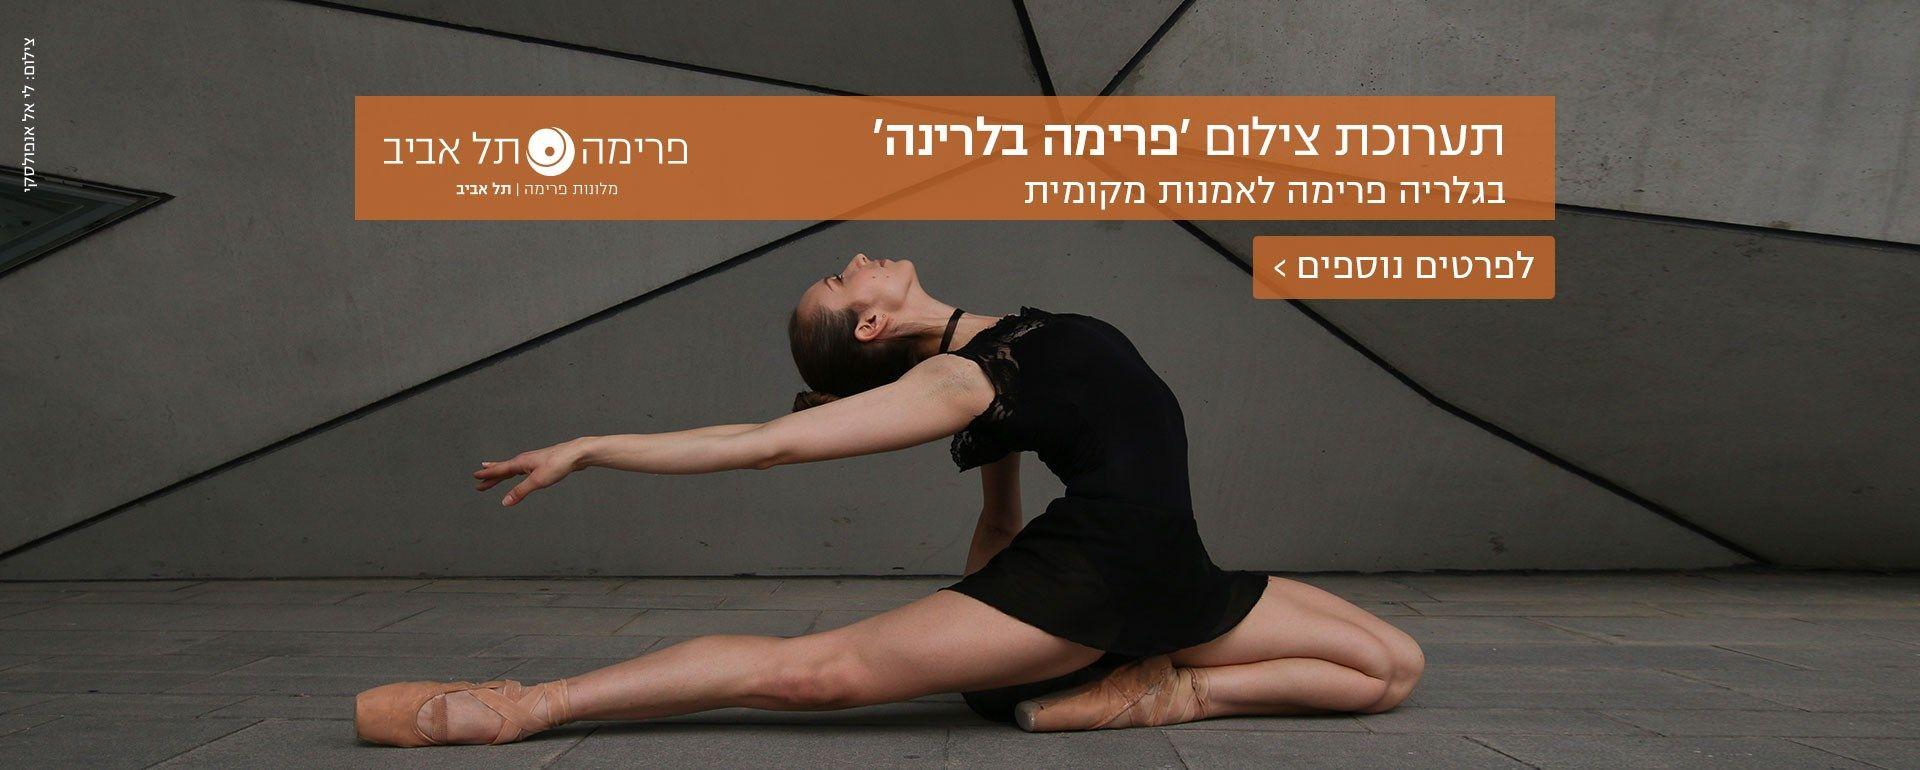 גלרייה פרימה תל אביב